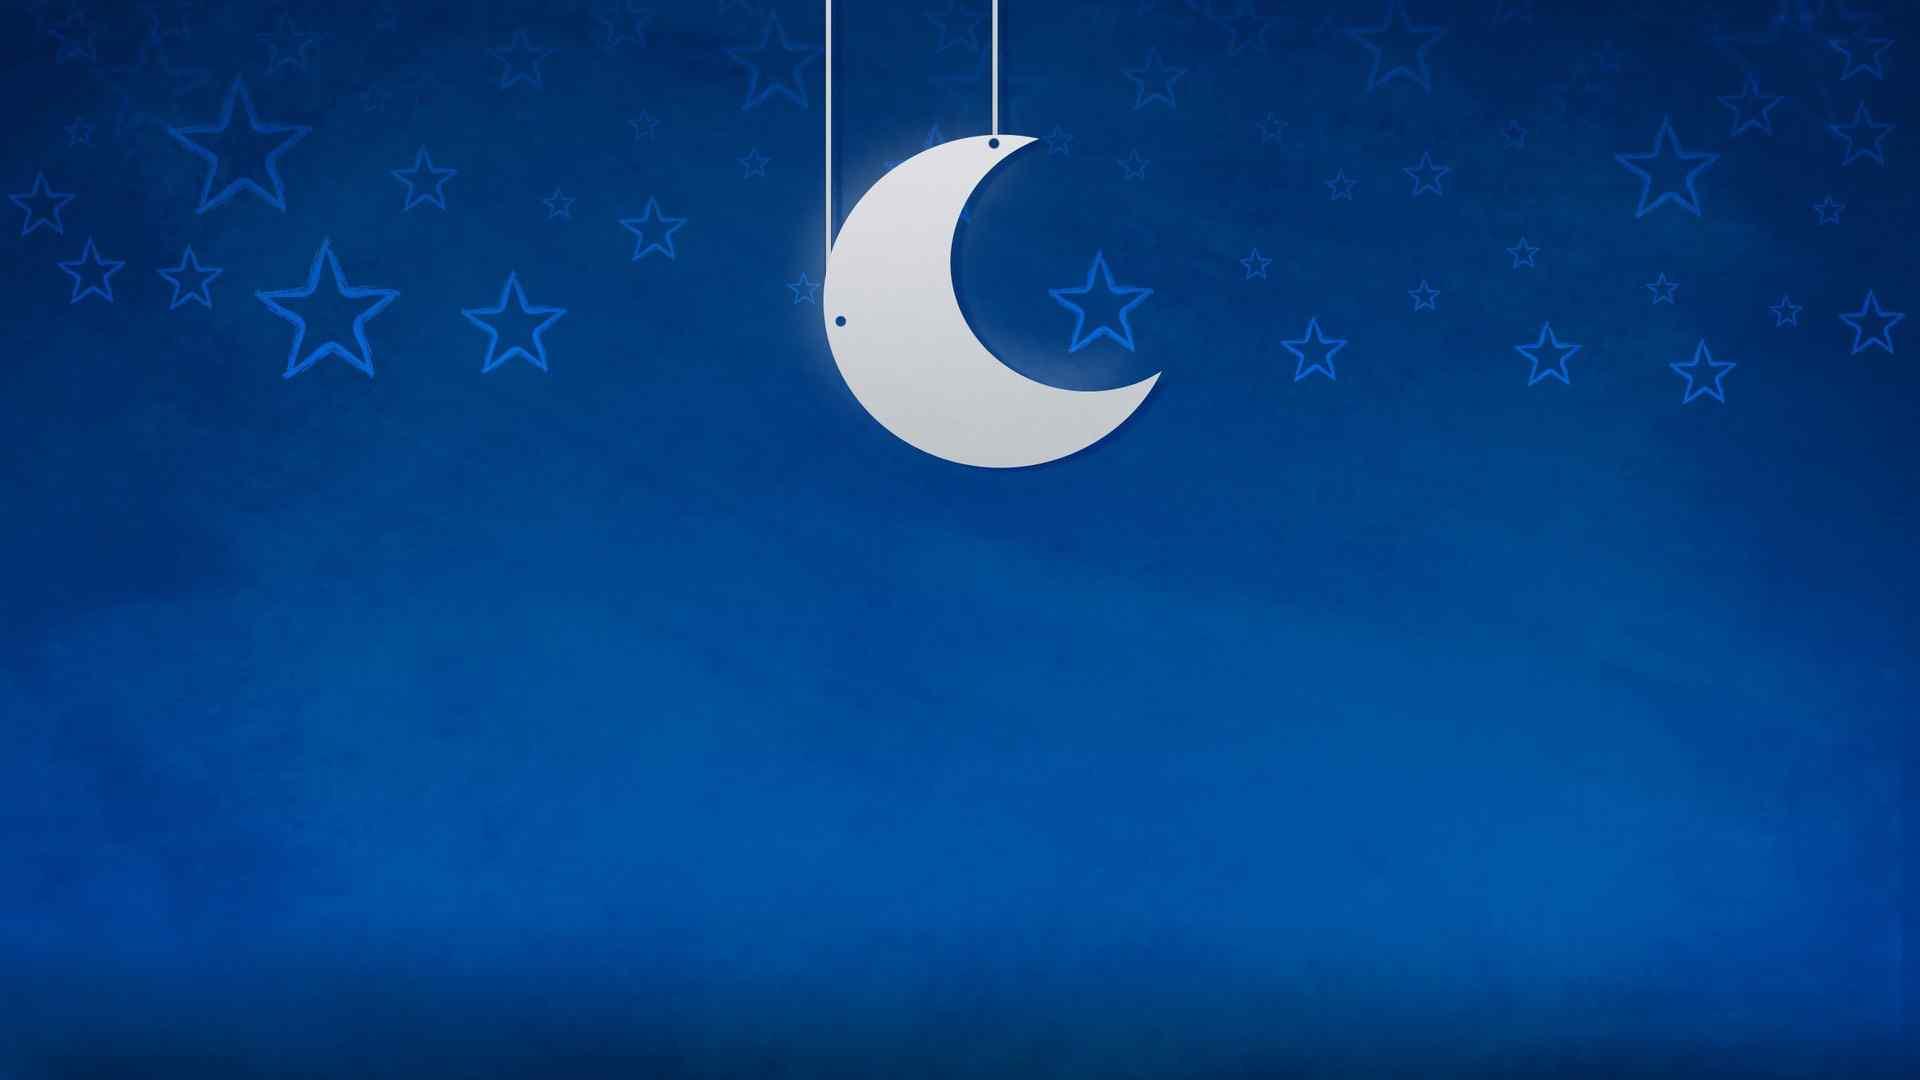 小清新月亮星星图片桌面壁纸